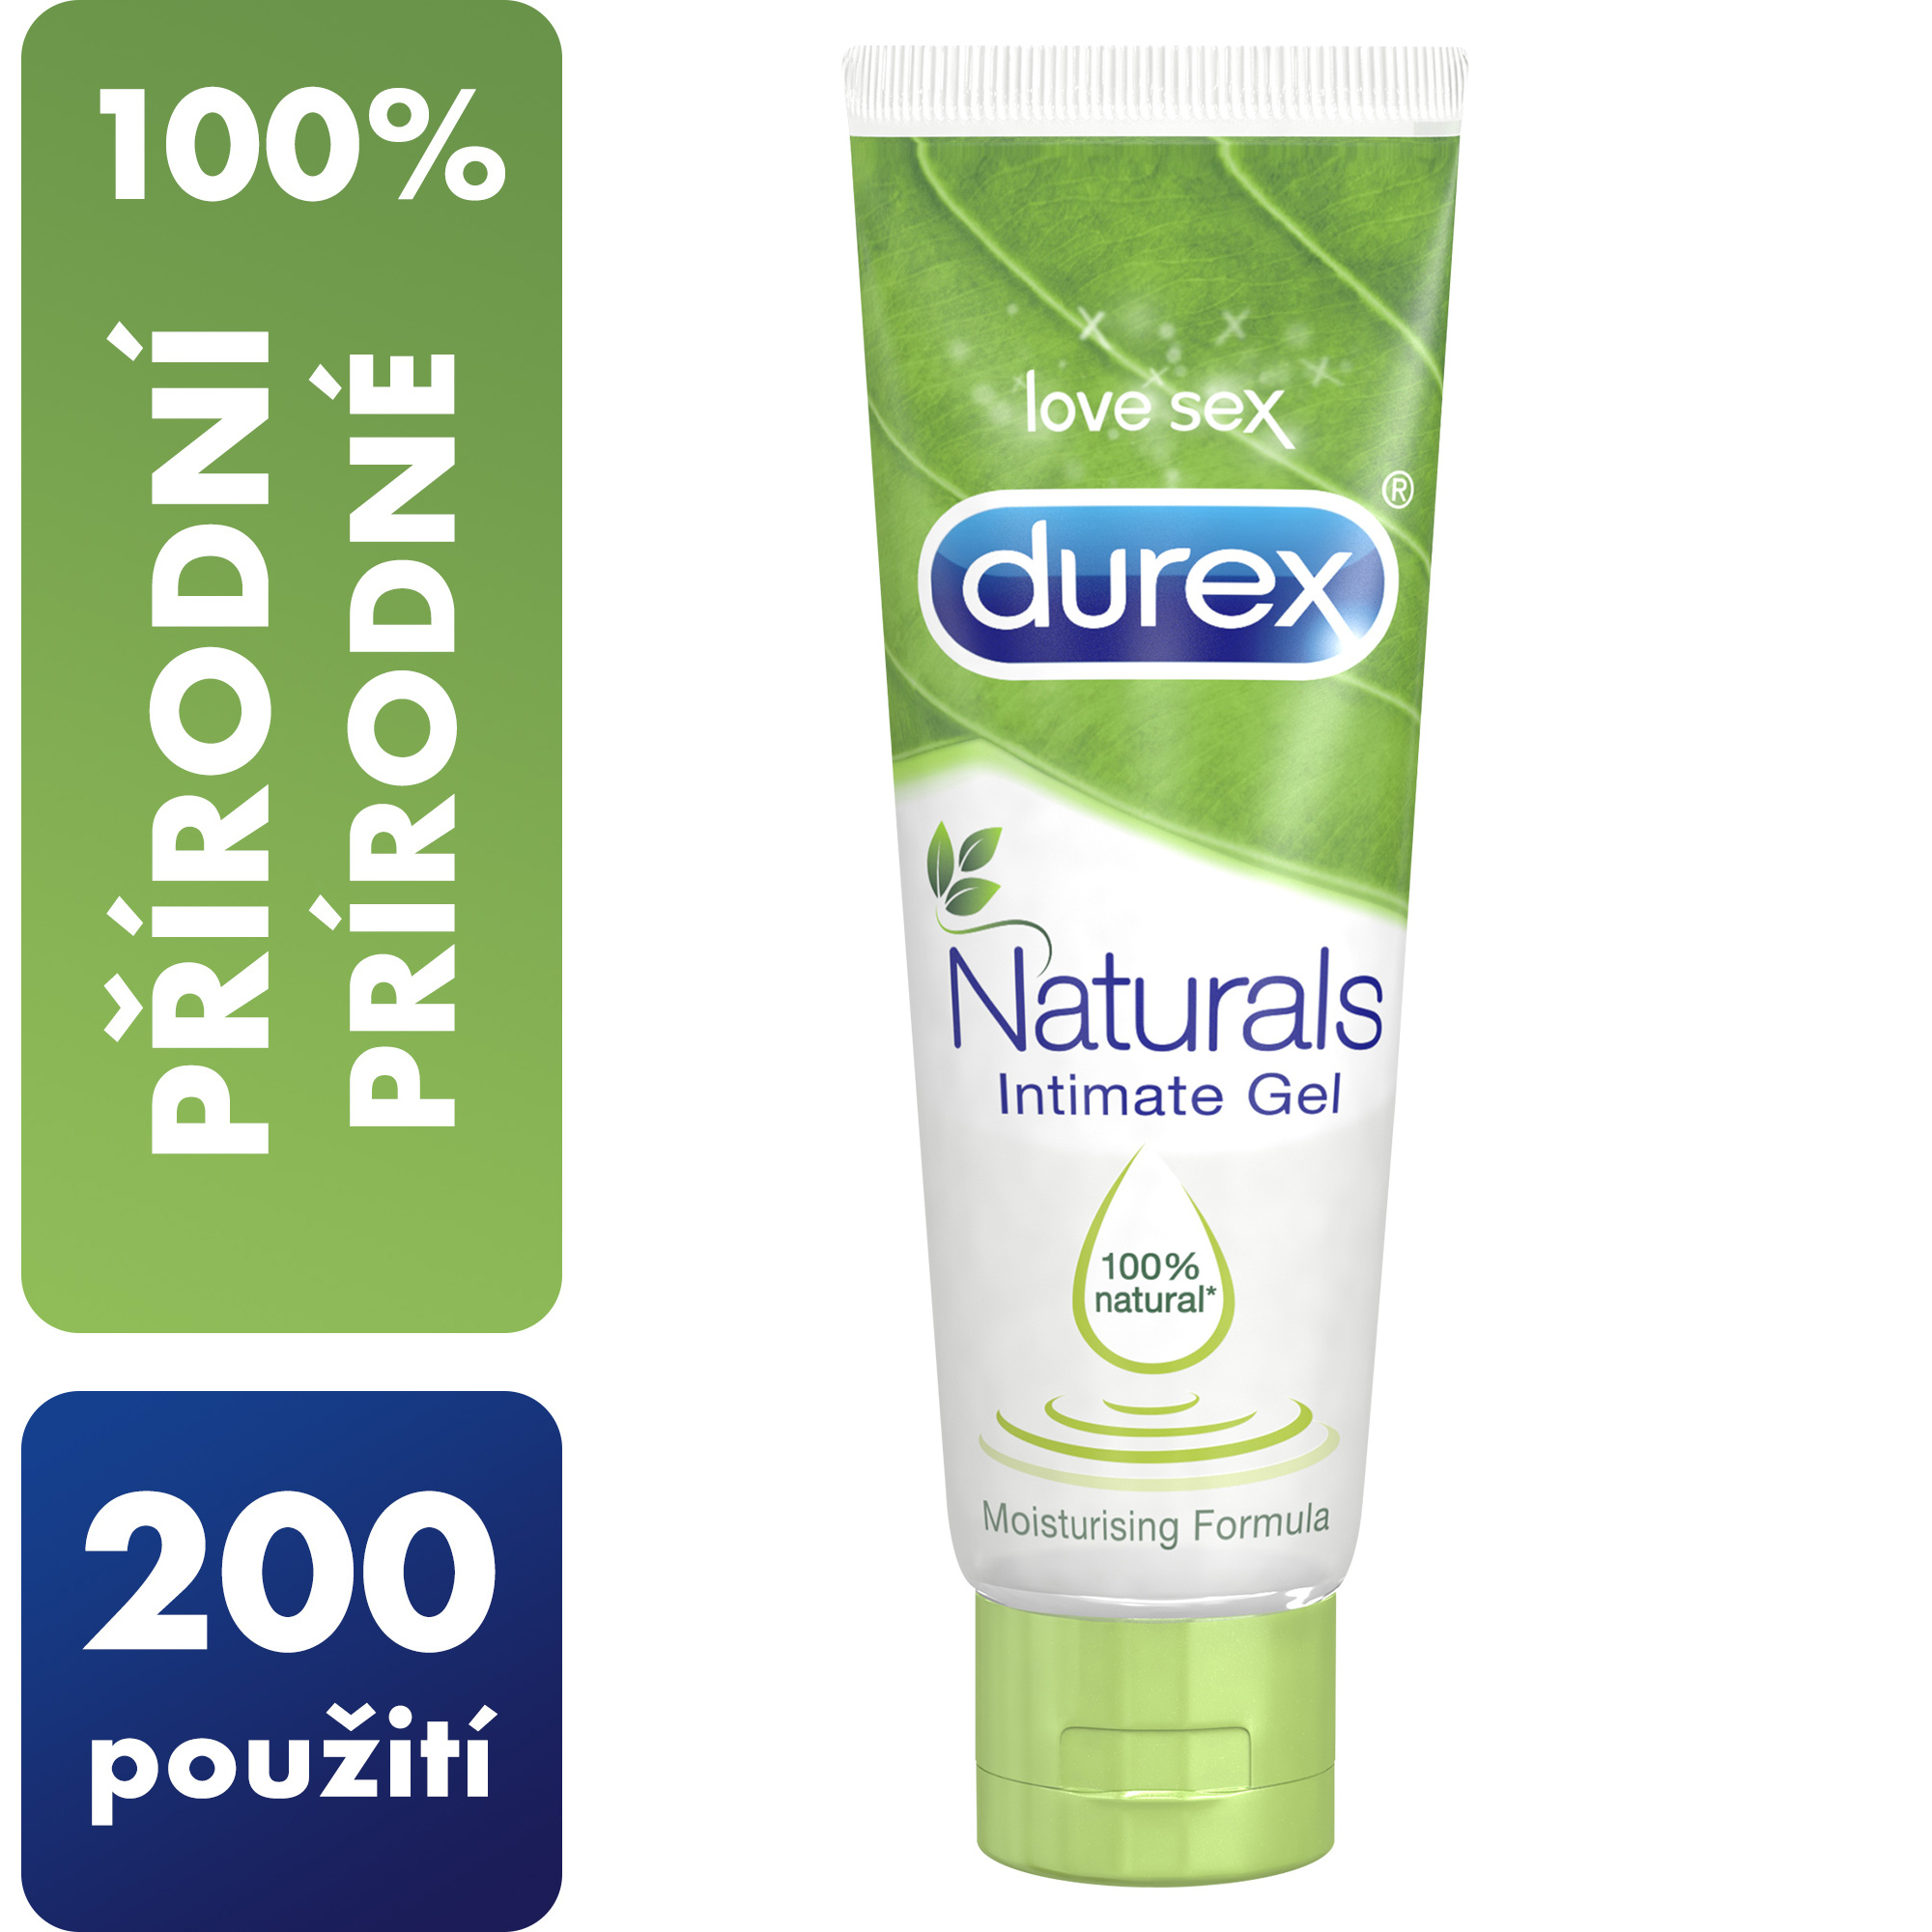 Durex Naturals lubrikační gel 100 ml